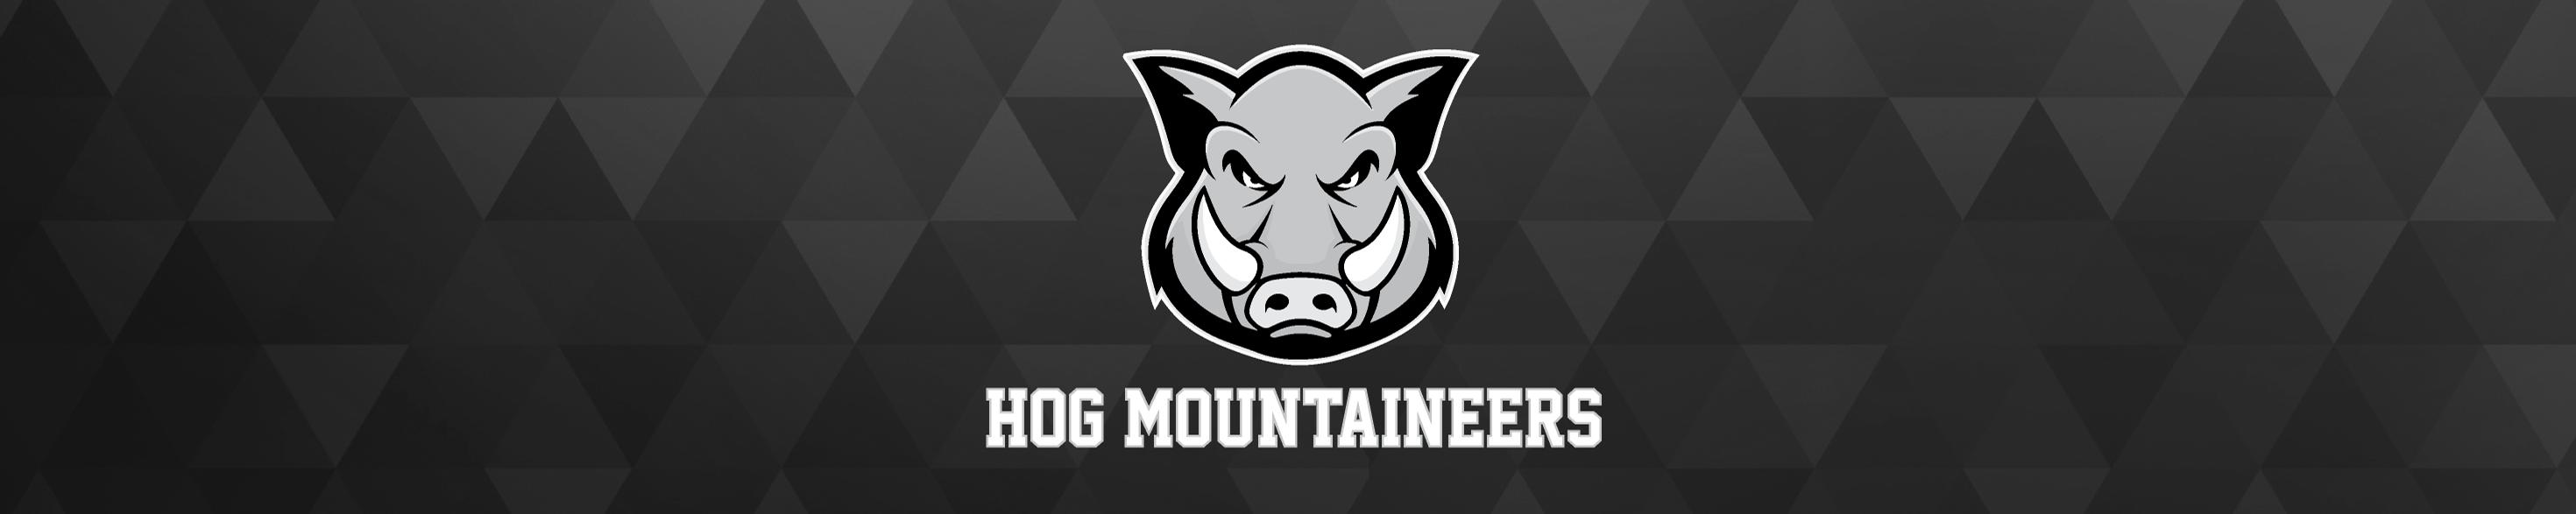 Hog Mountaineers Lacrosse